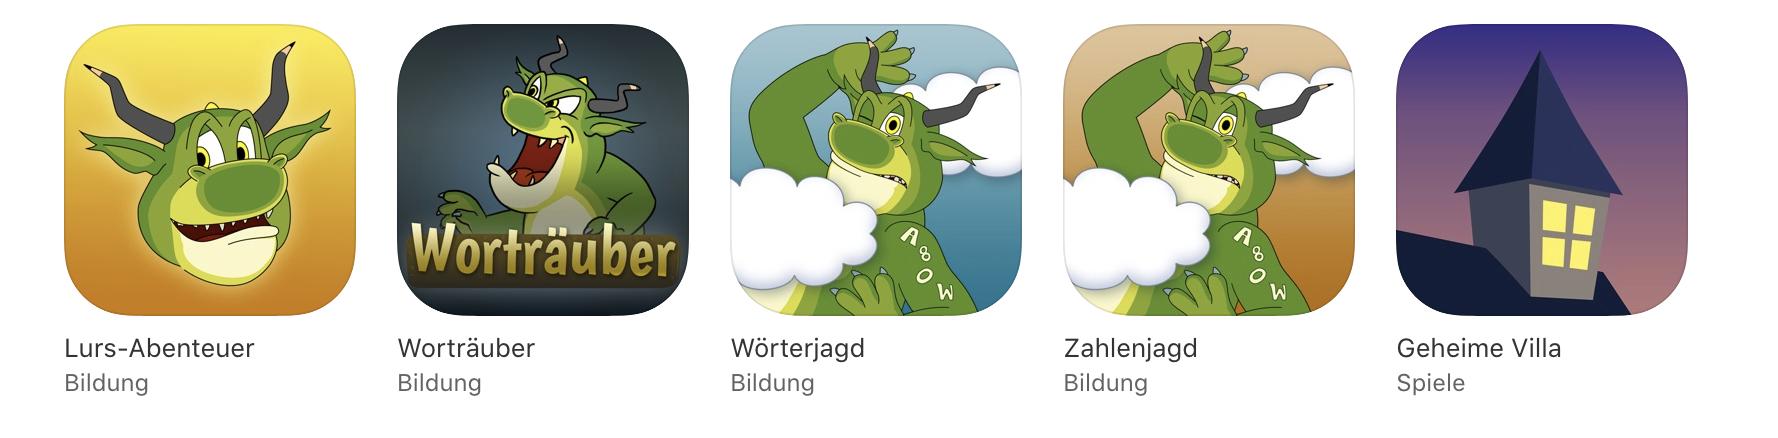 Apps Zum Spielen